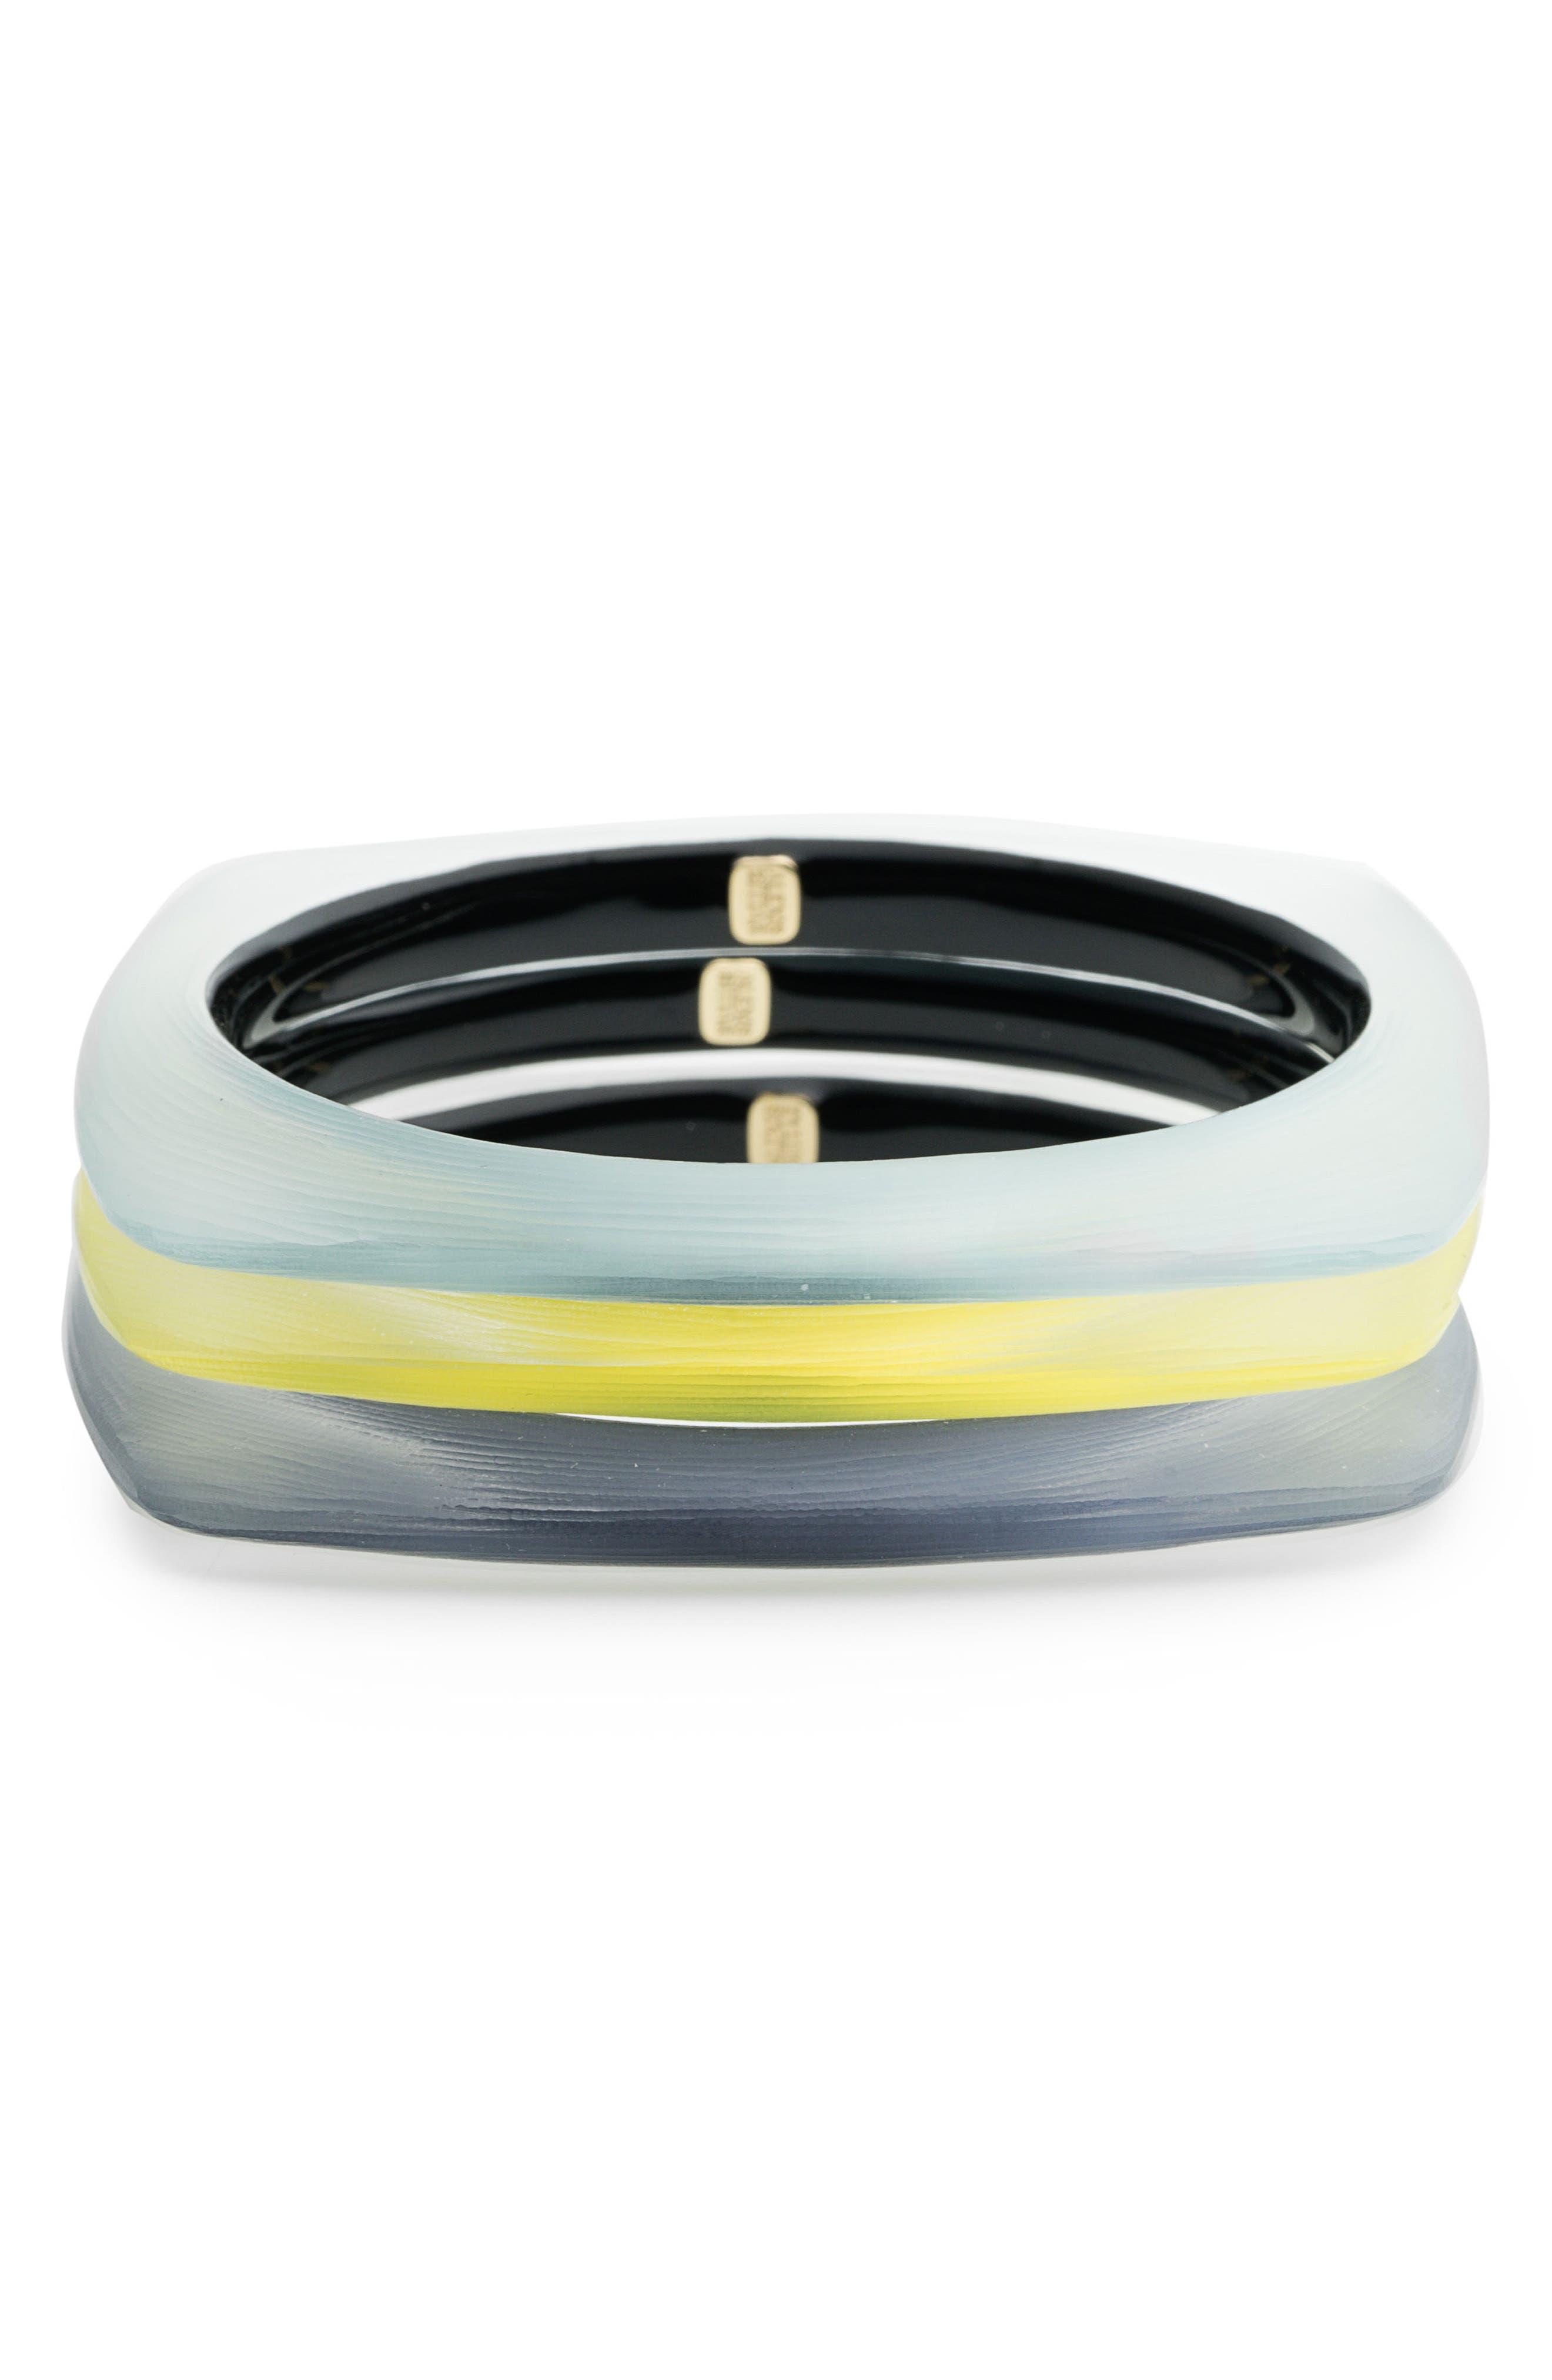 Set of 3 Square Lucite<sup>®</sup> Bangle Bracelets,                             Main thumbnail 1, color,                             Ocean/ Grey/ Titanium Yellow